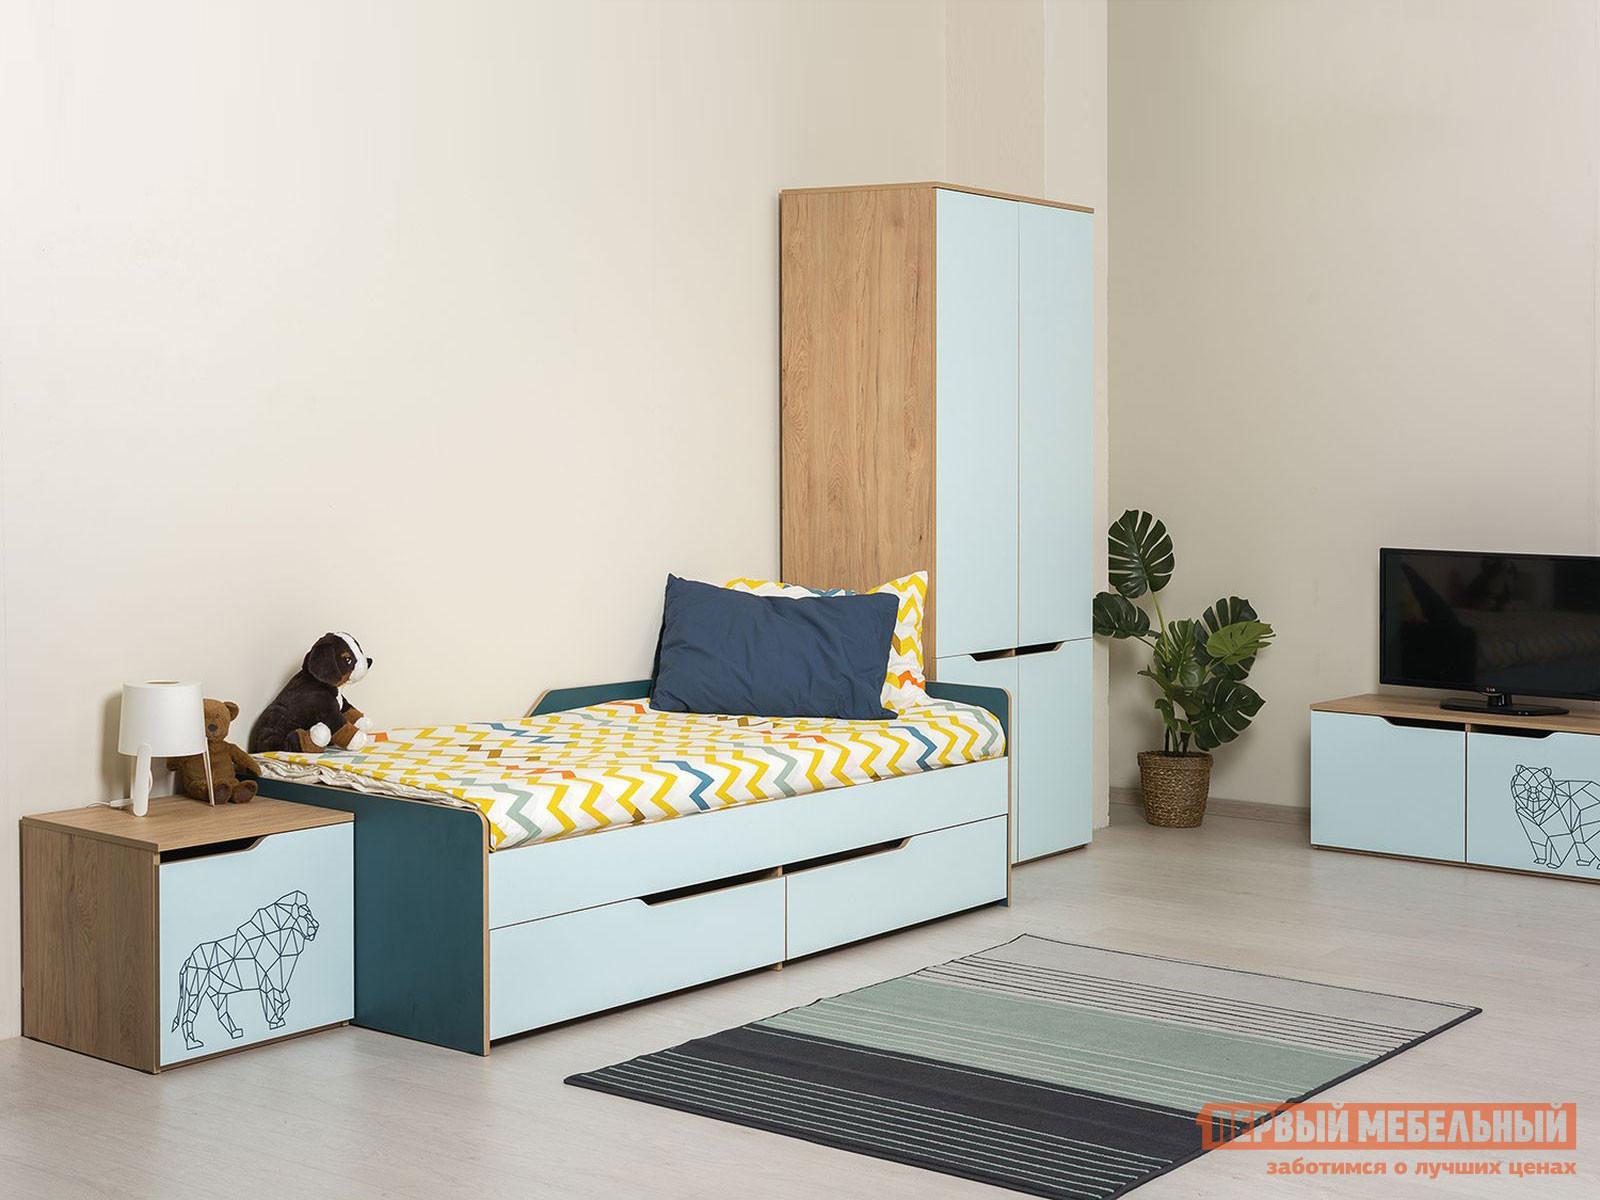 комплект детской мебели первый мебельный жили были k1 Комплект детской мебели Первый Мебельный Комплект детской мебели Гудвин К5